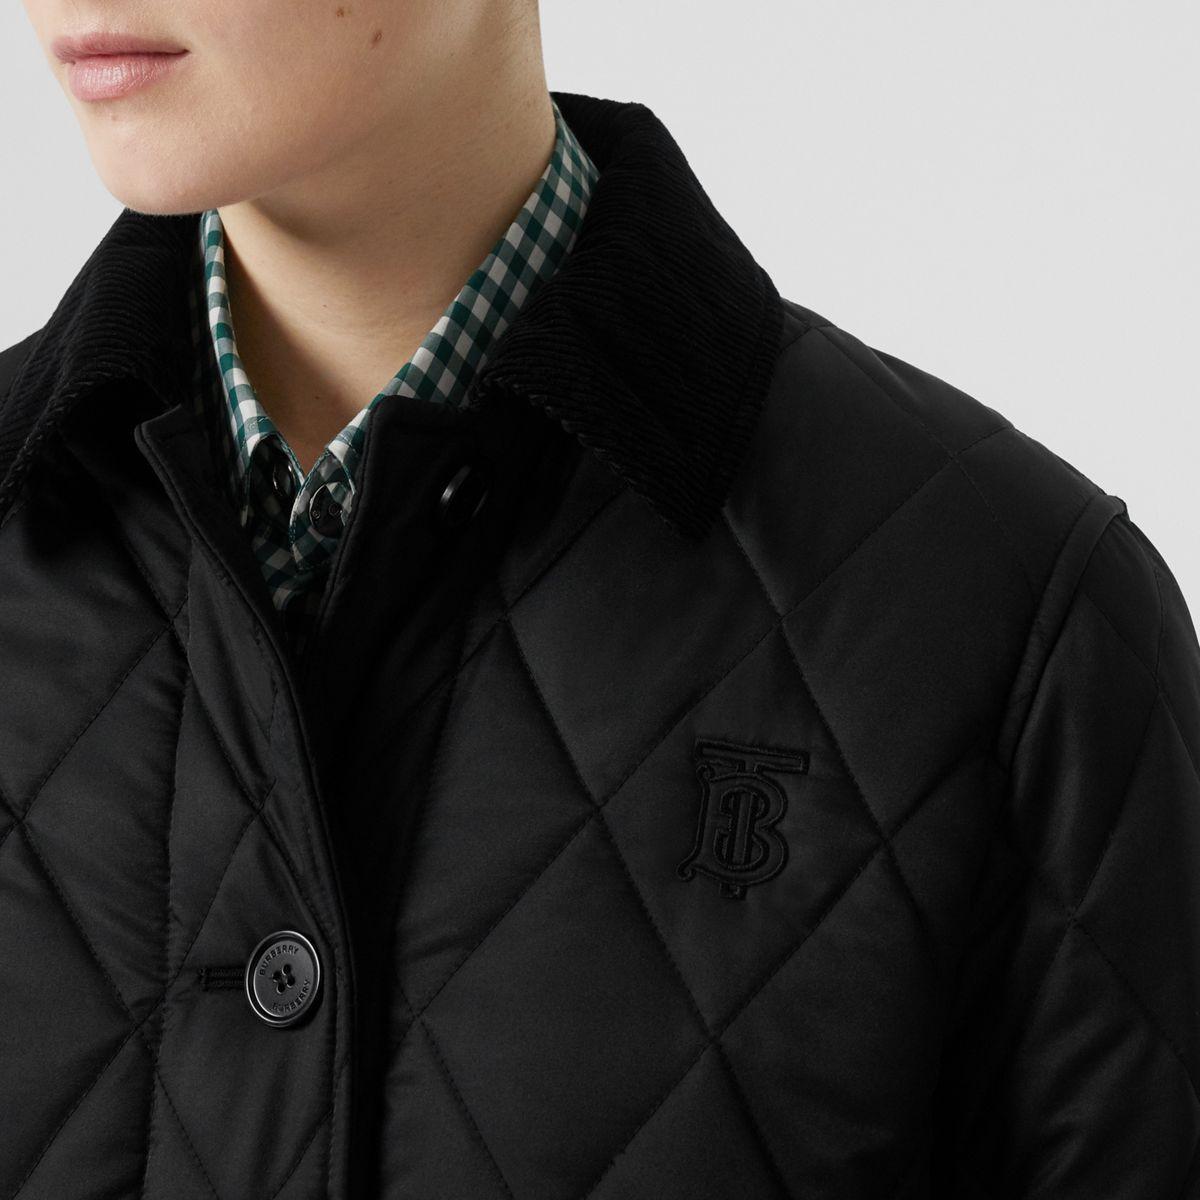 Manteau matelassé Monogram avec capuche amovible Synthétique Burberry en coloris Noir T9GEH